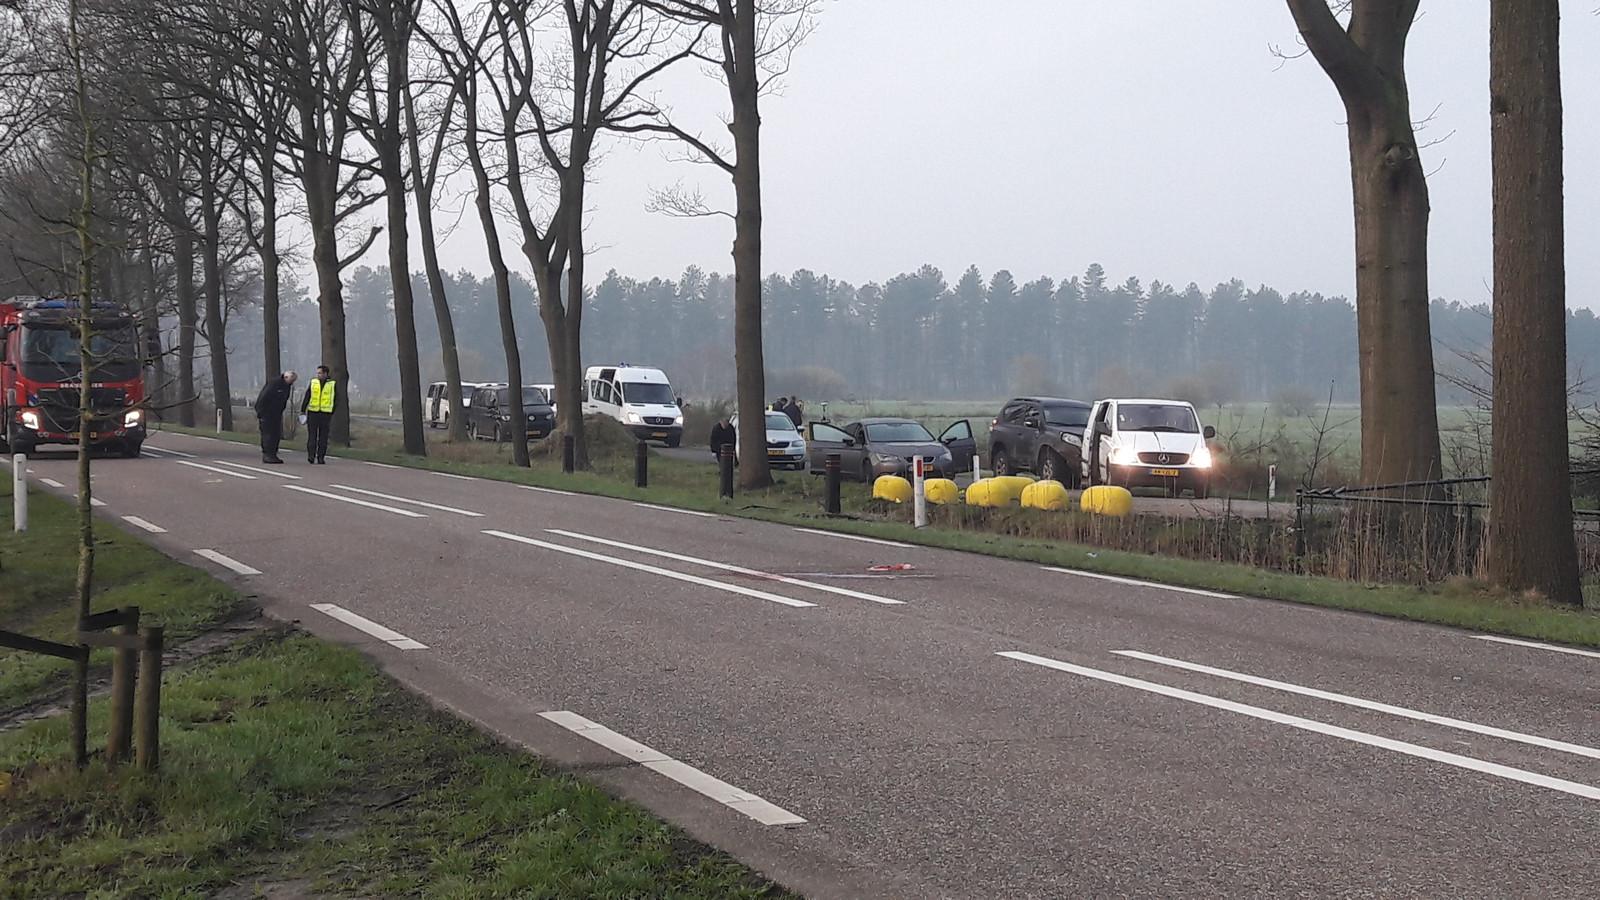 Het witte busje vooraan is van de verdachten. De Seat erachter en de overige busjes zijn van de politie.